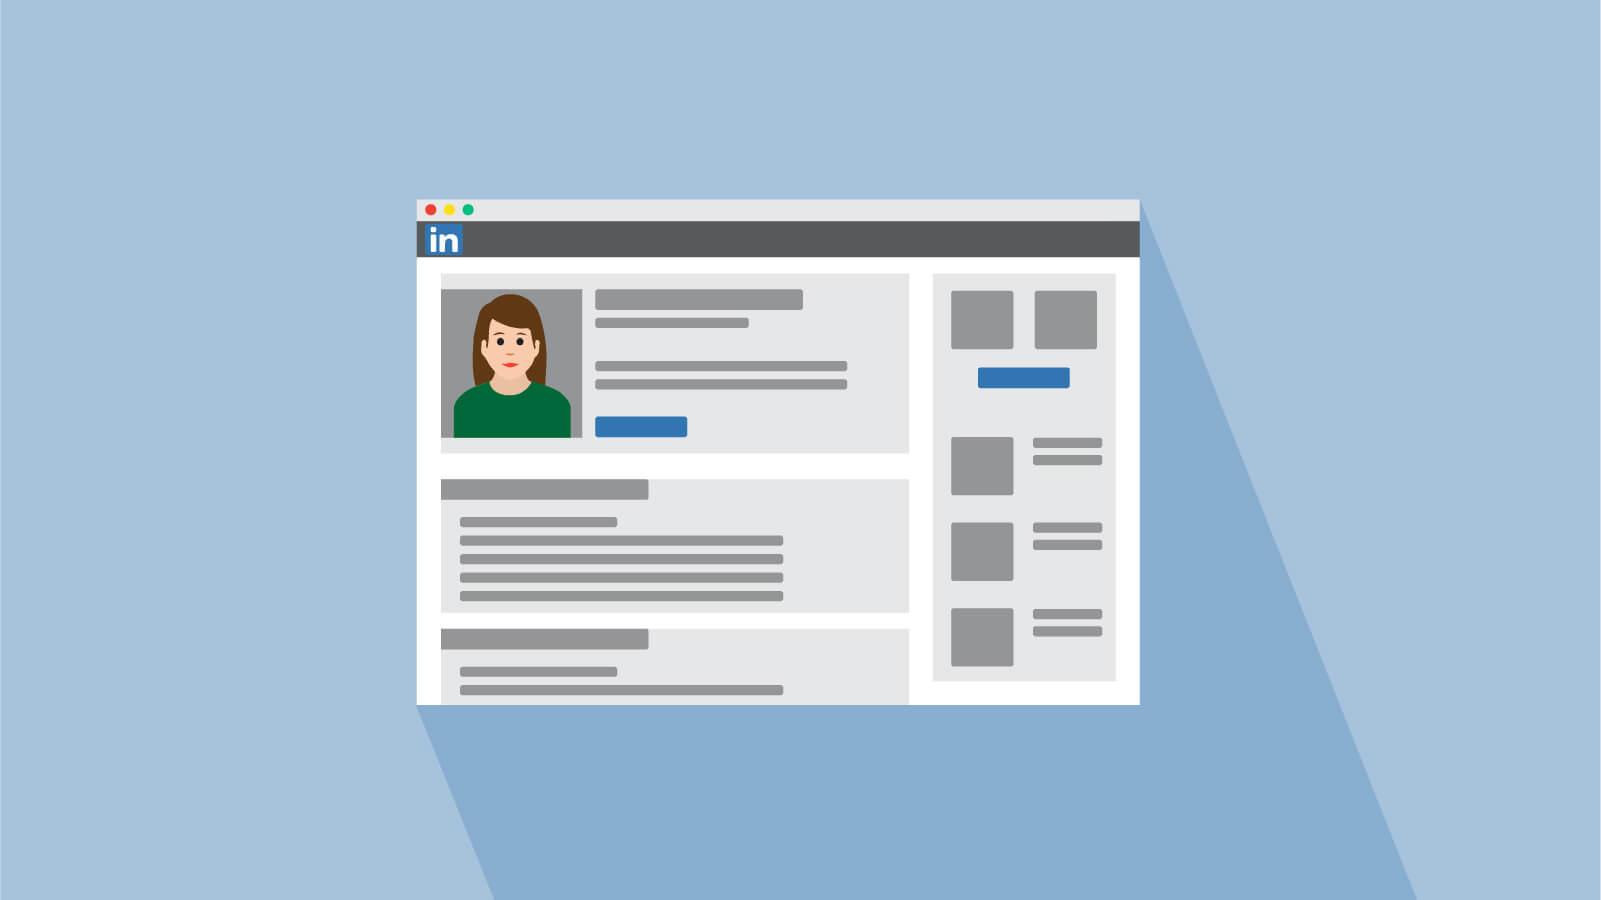 LinkedIn profile UI